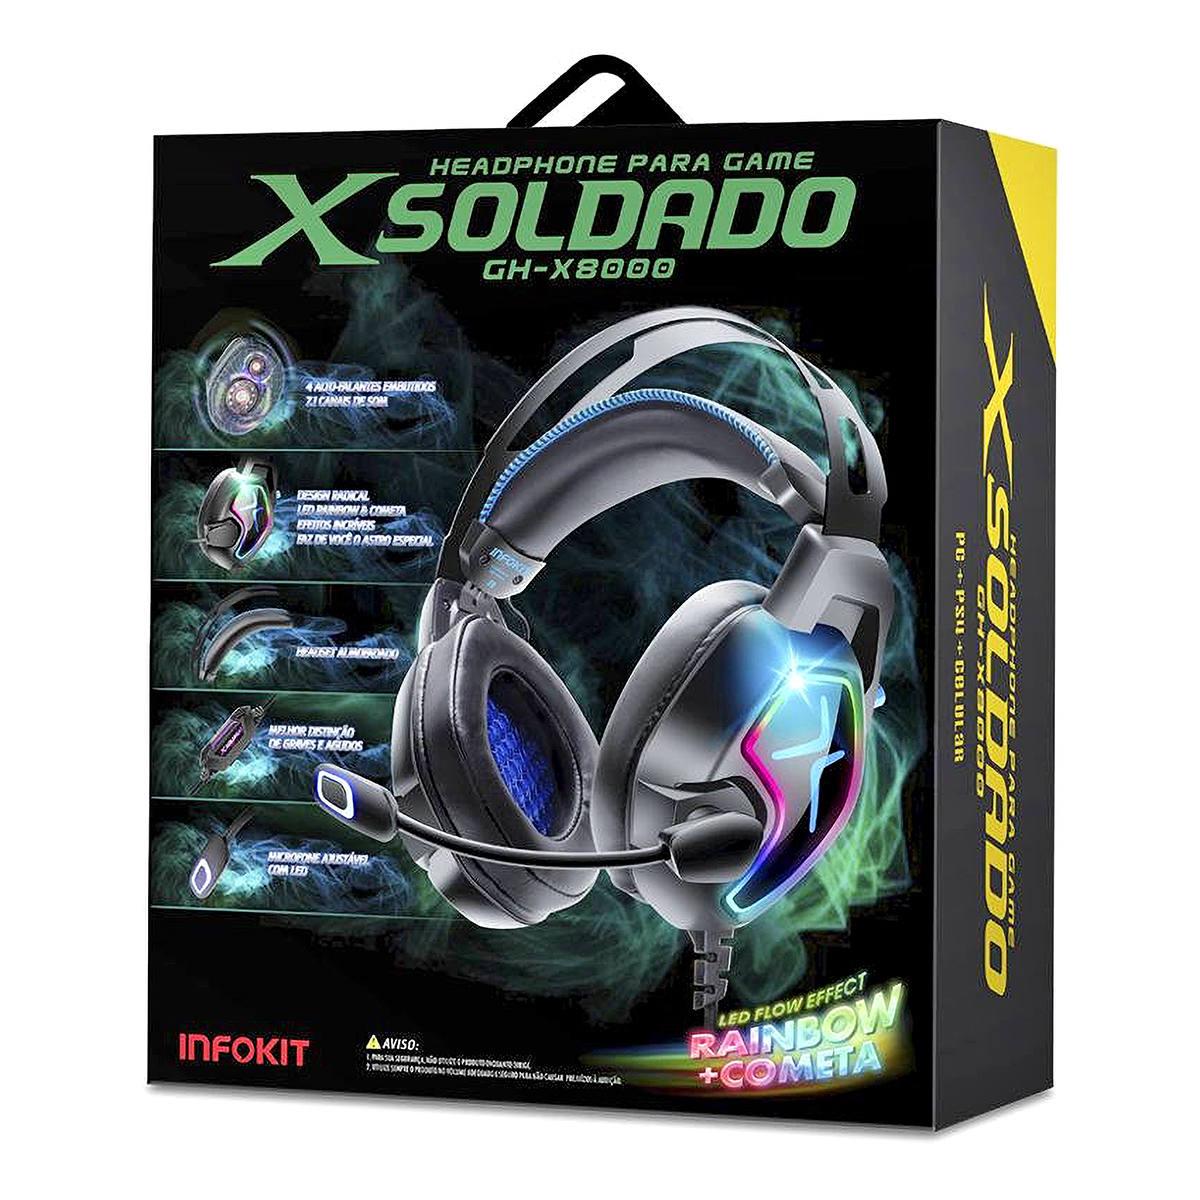 Headphone Gamer 4 Alto-falantes 7.1 Surround Super Bass Quadriplo Microfone Anti-Ruído p/ PC PS4 Celular XSoldado X8000